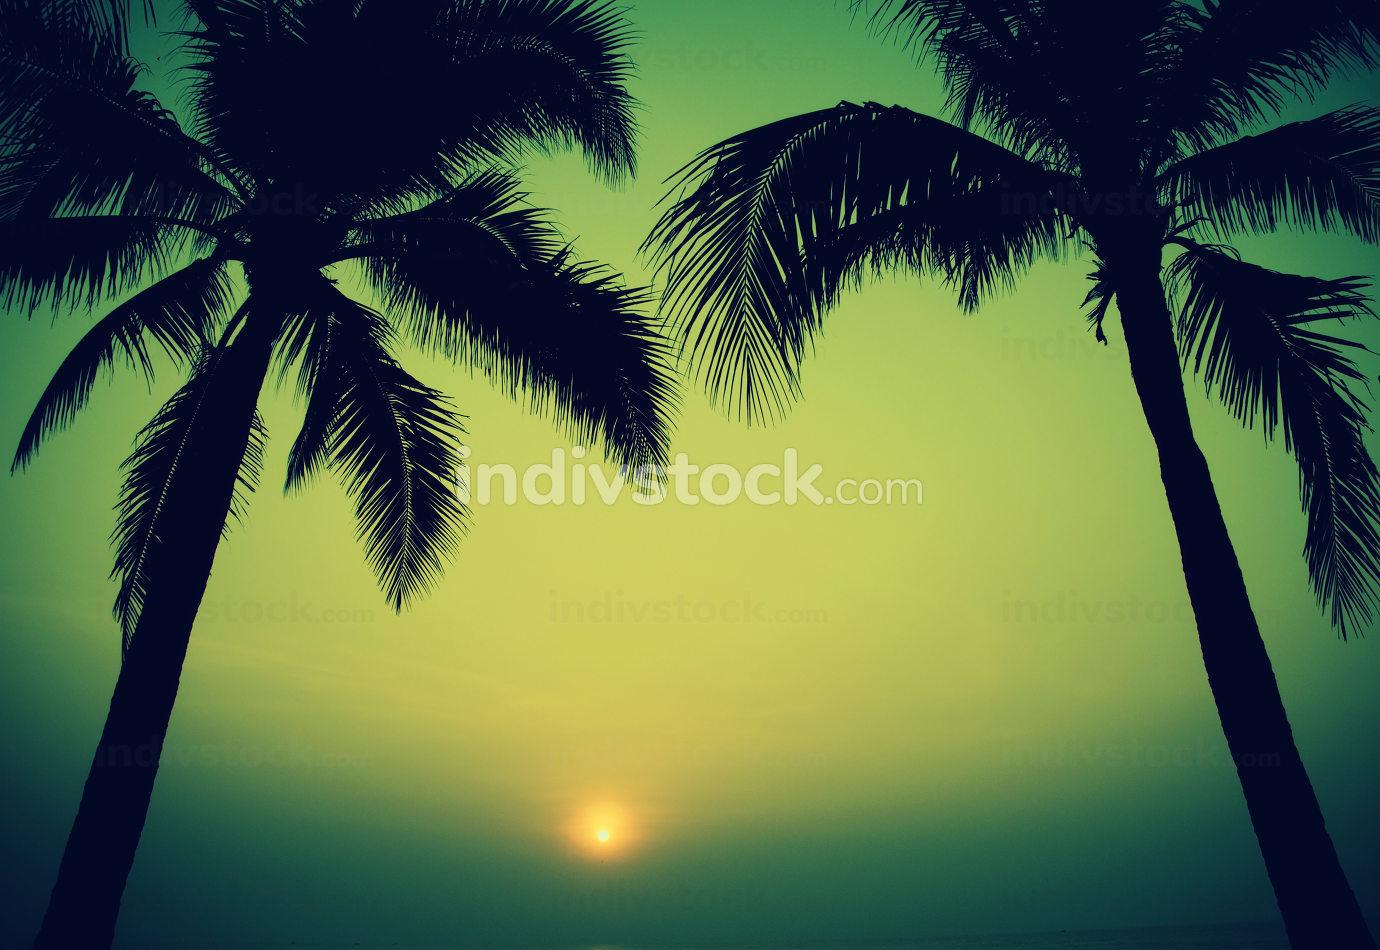 tree sunset vintage